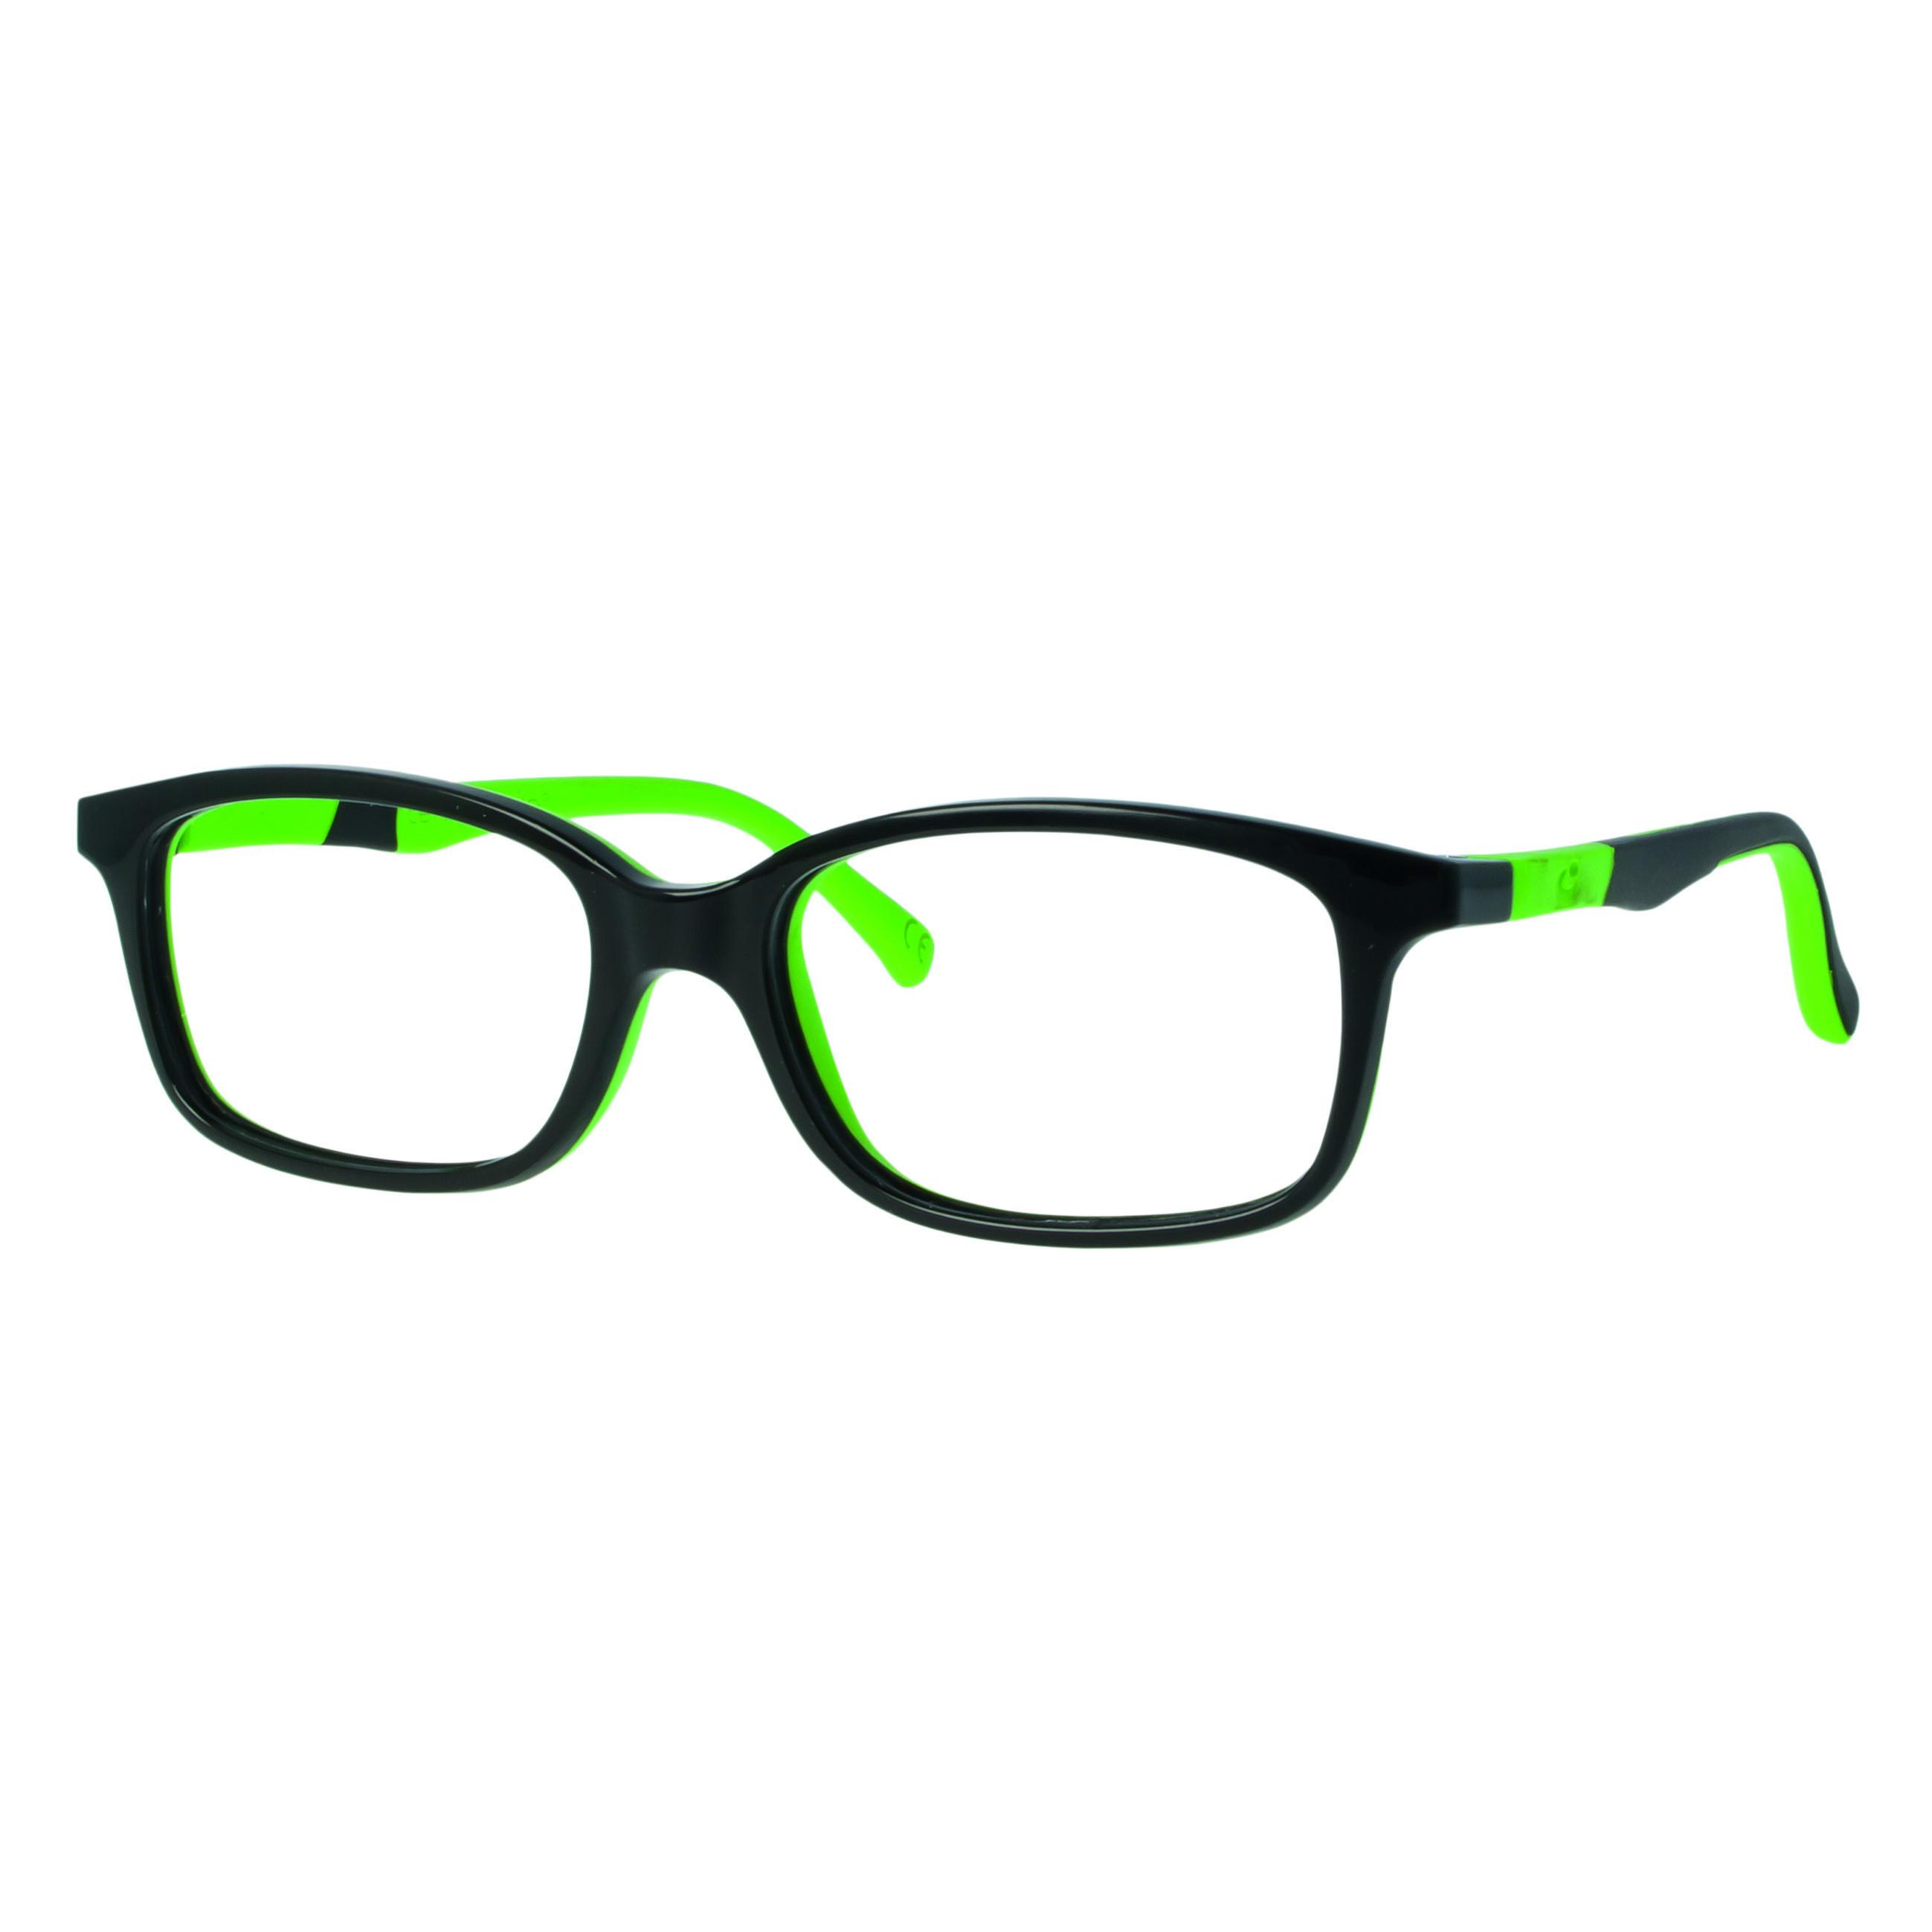 02F017146160000 - Armação Active Memory (5) 46x15 Preto/Verde Brilhante Mod F017146160000 - Contém 1 Peça